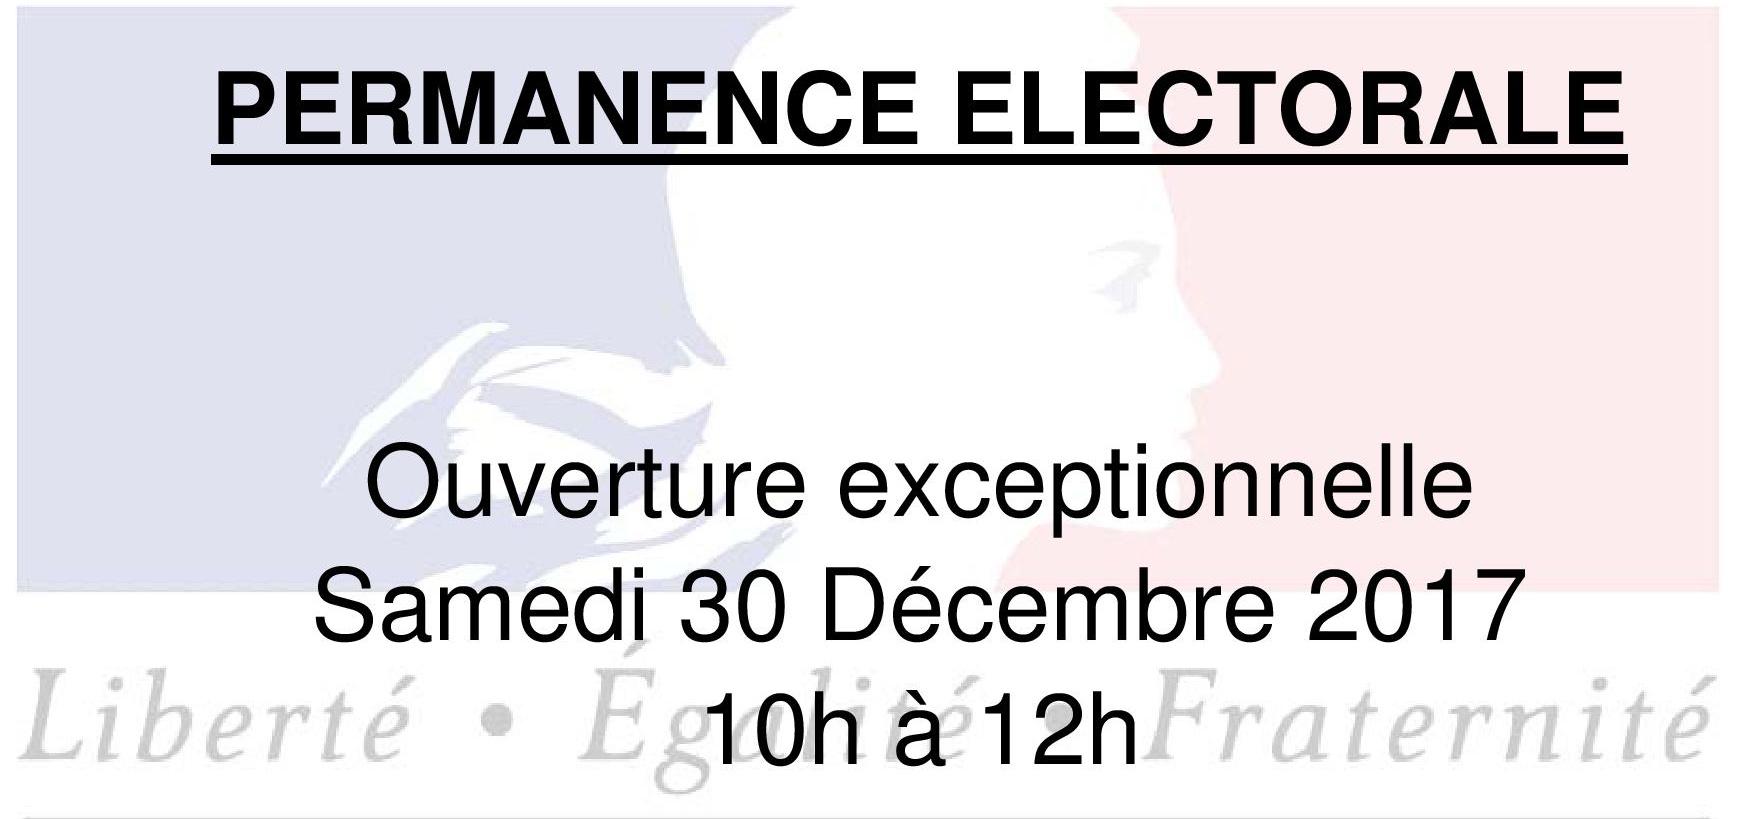 Permanence électorale-page-001